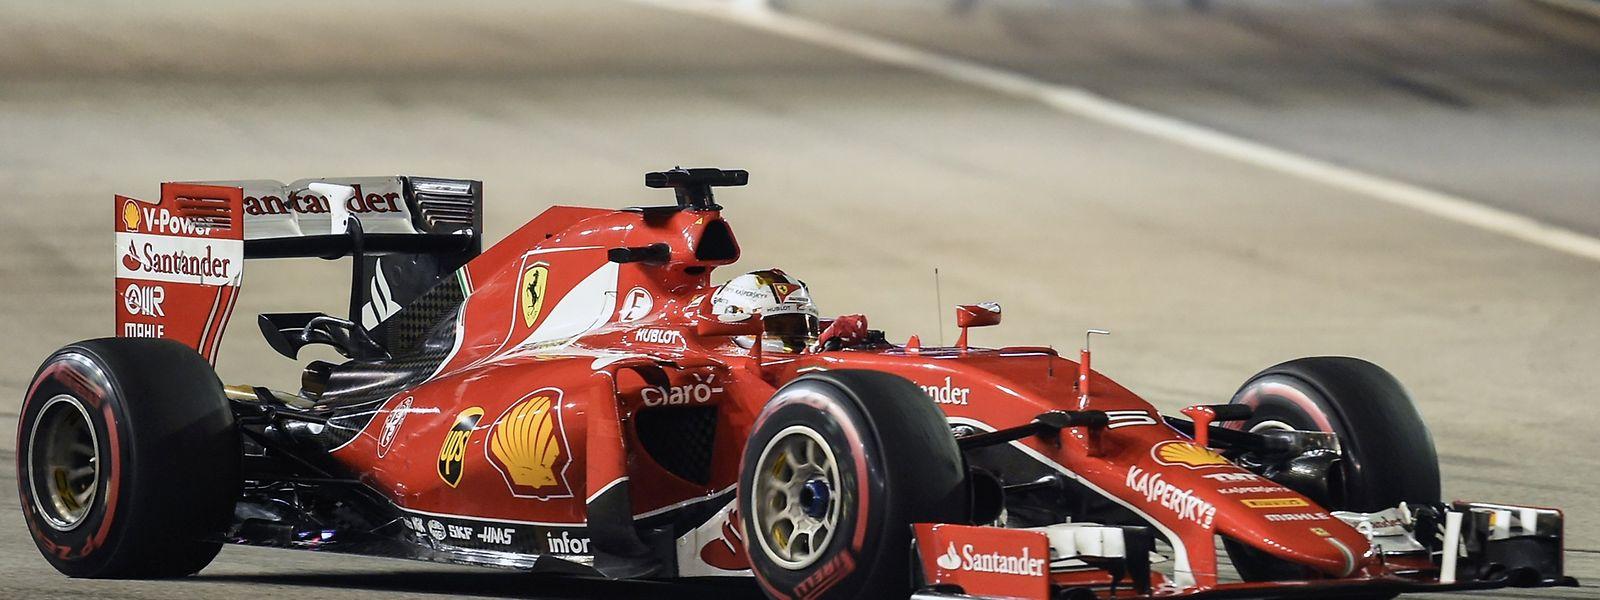 Sebastian Vettel venceu facilmente em Singapura